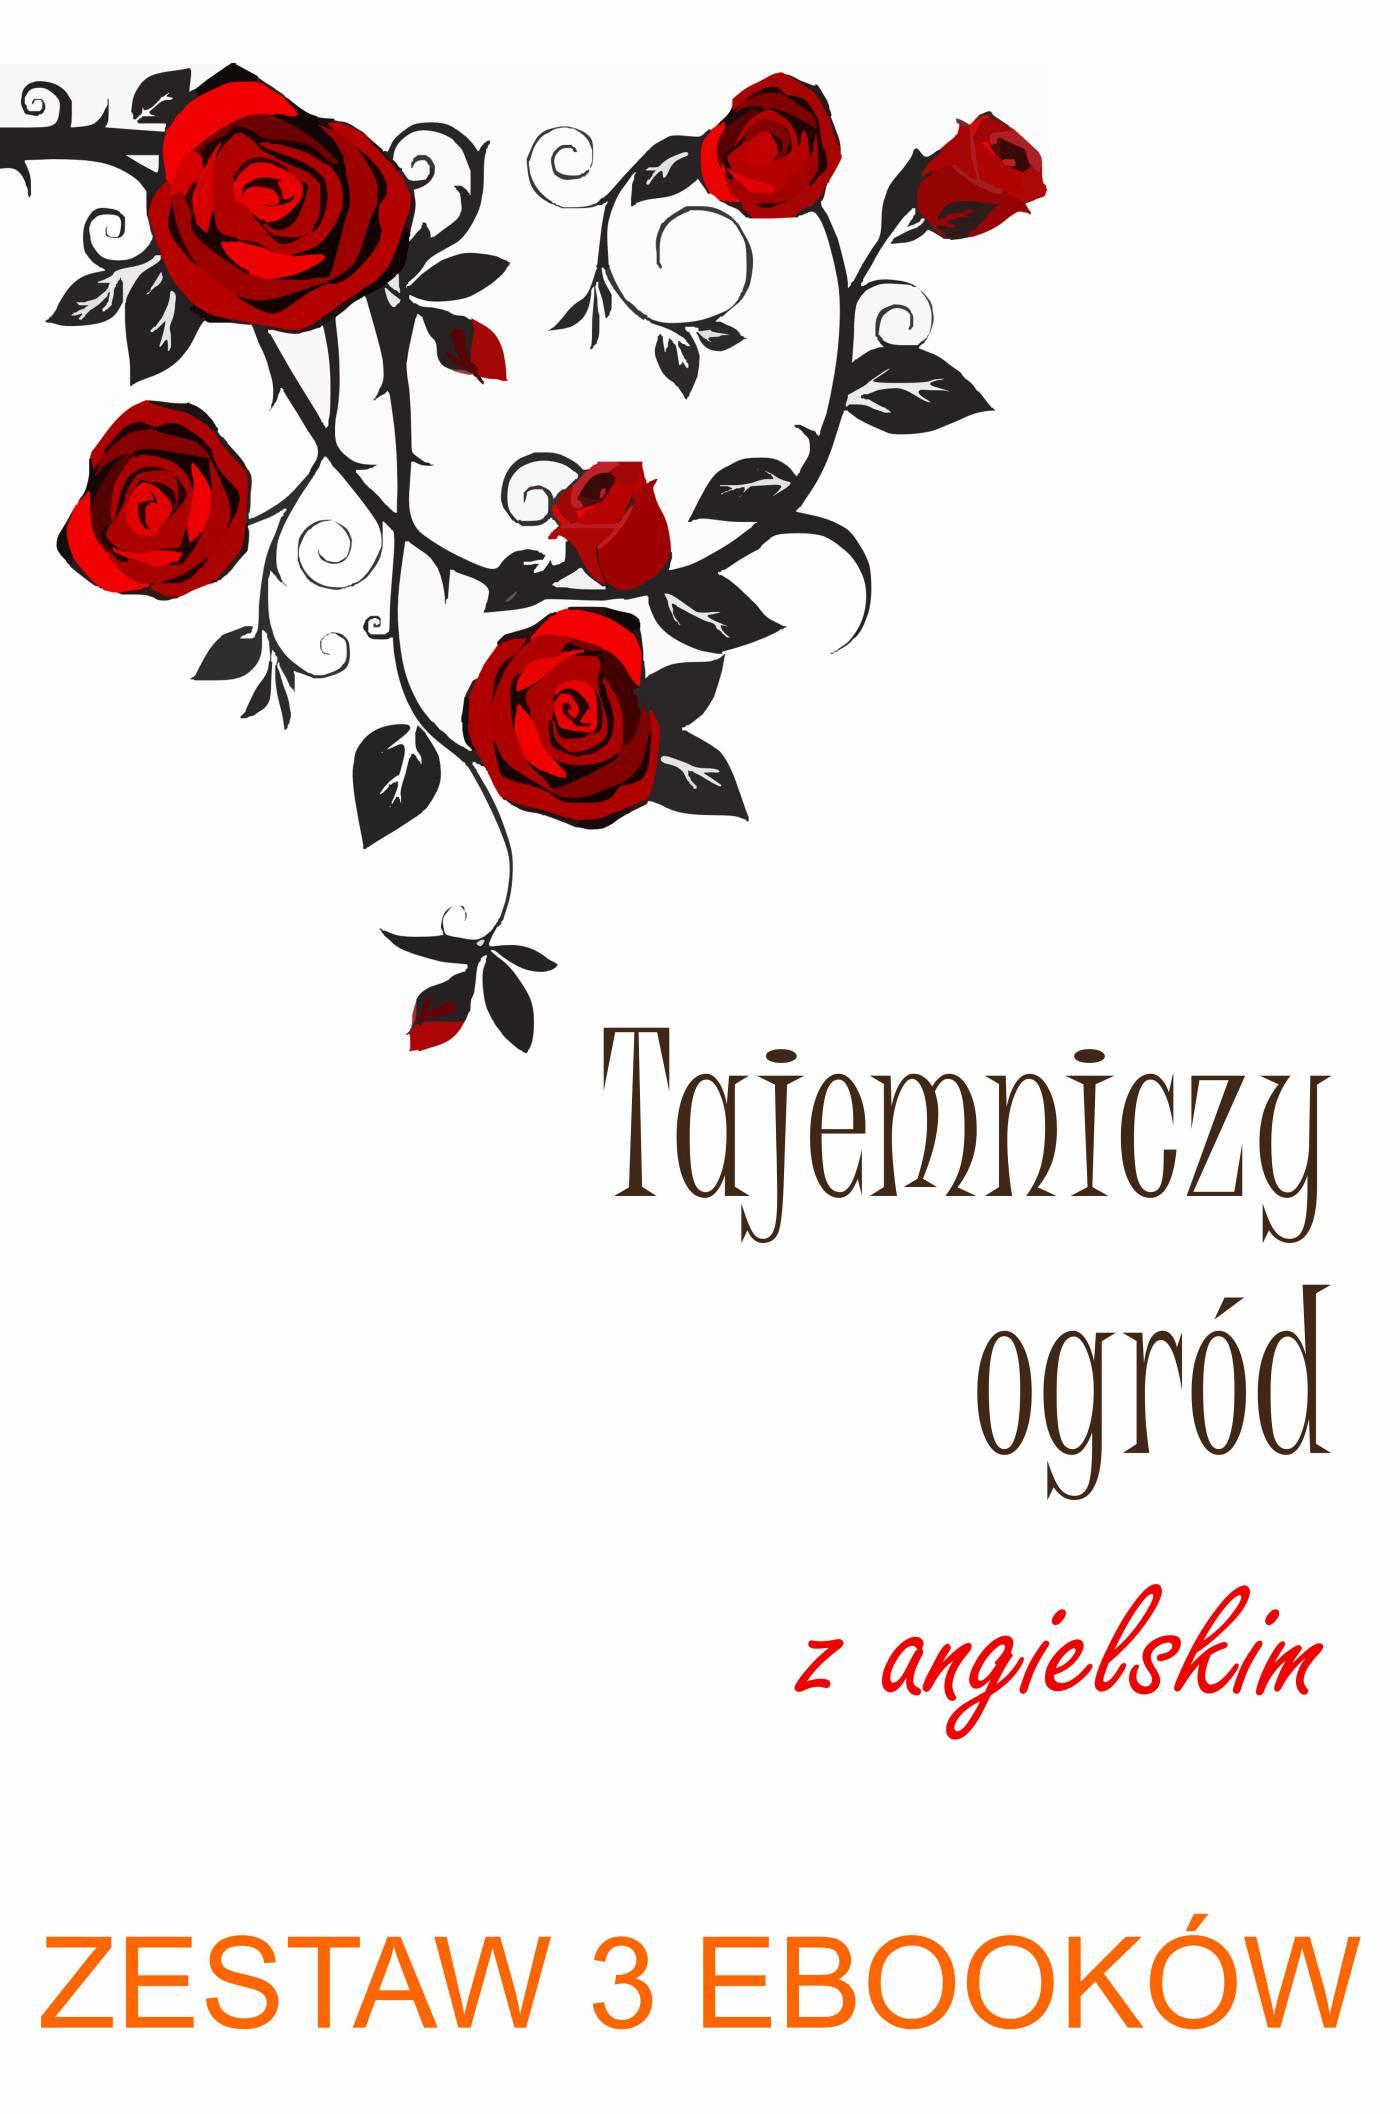 Tajemniczy ogród z angielskim. Secret garden with english. Zestaw 3 ebooków - Ebook (Książka PDF) do pobrania w formacie PDF